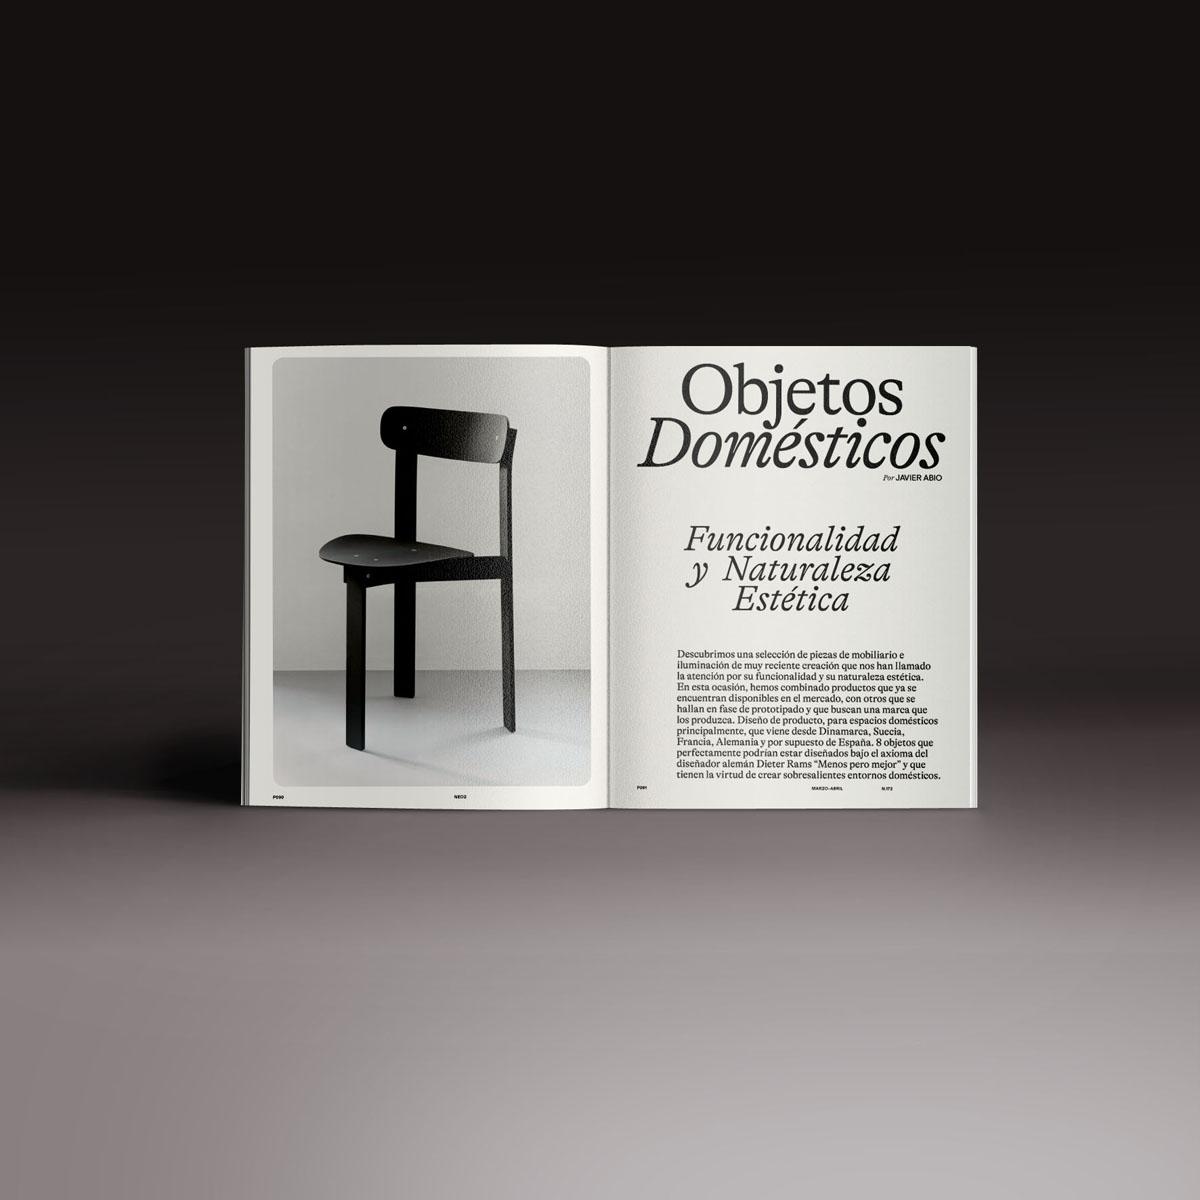 Neo2 Magazine doble página del artículo Objetos domésticos